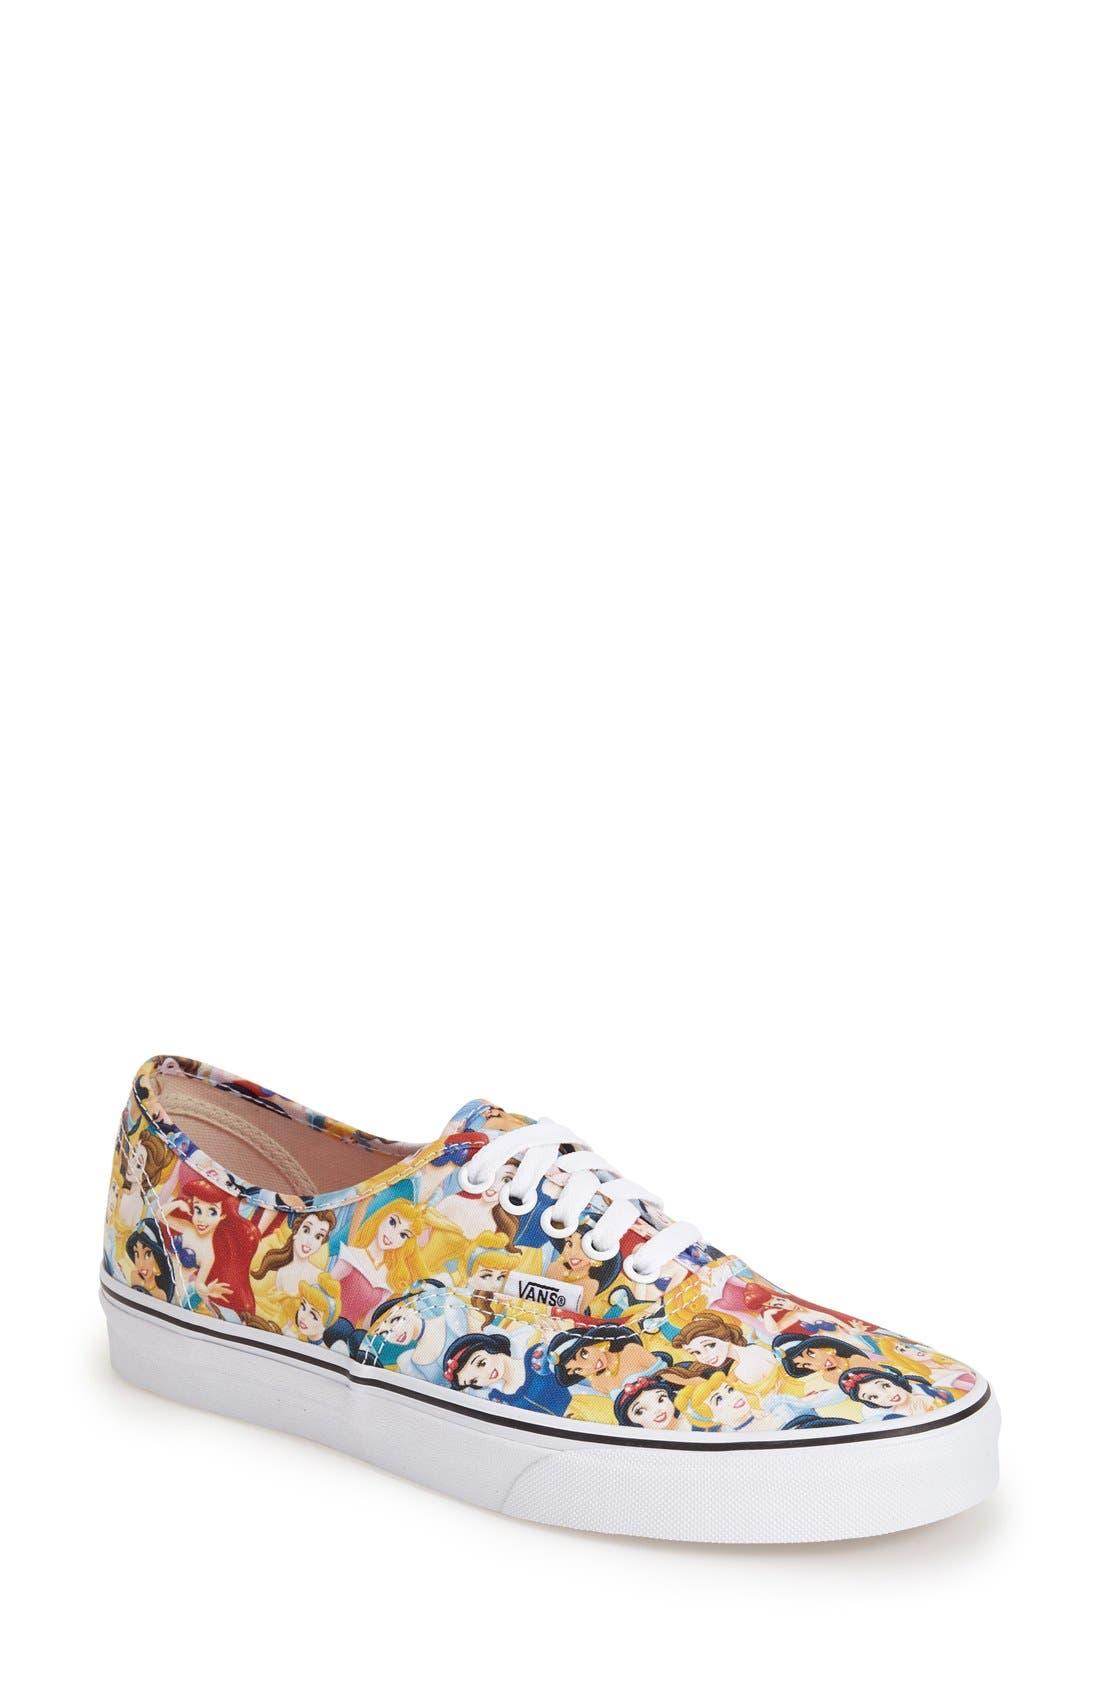 Main Image - Vans 'Authentic - Disney®' Sneaker (Women)